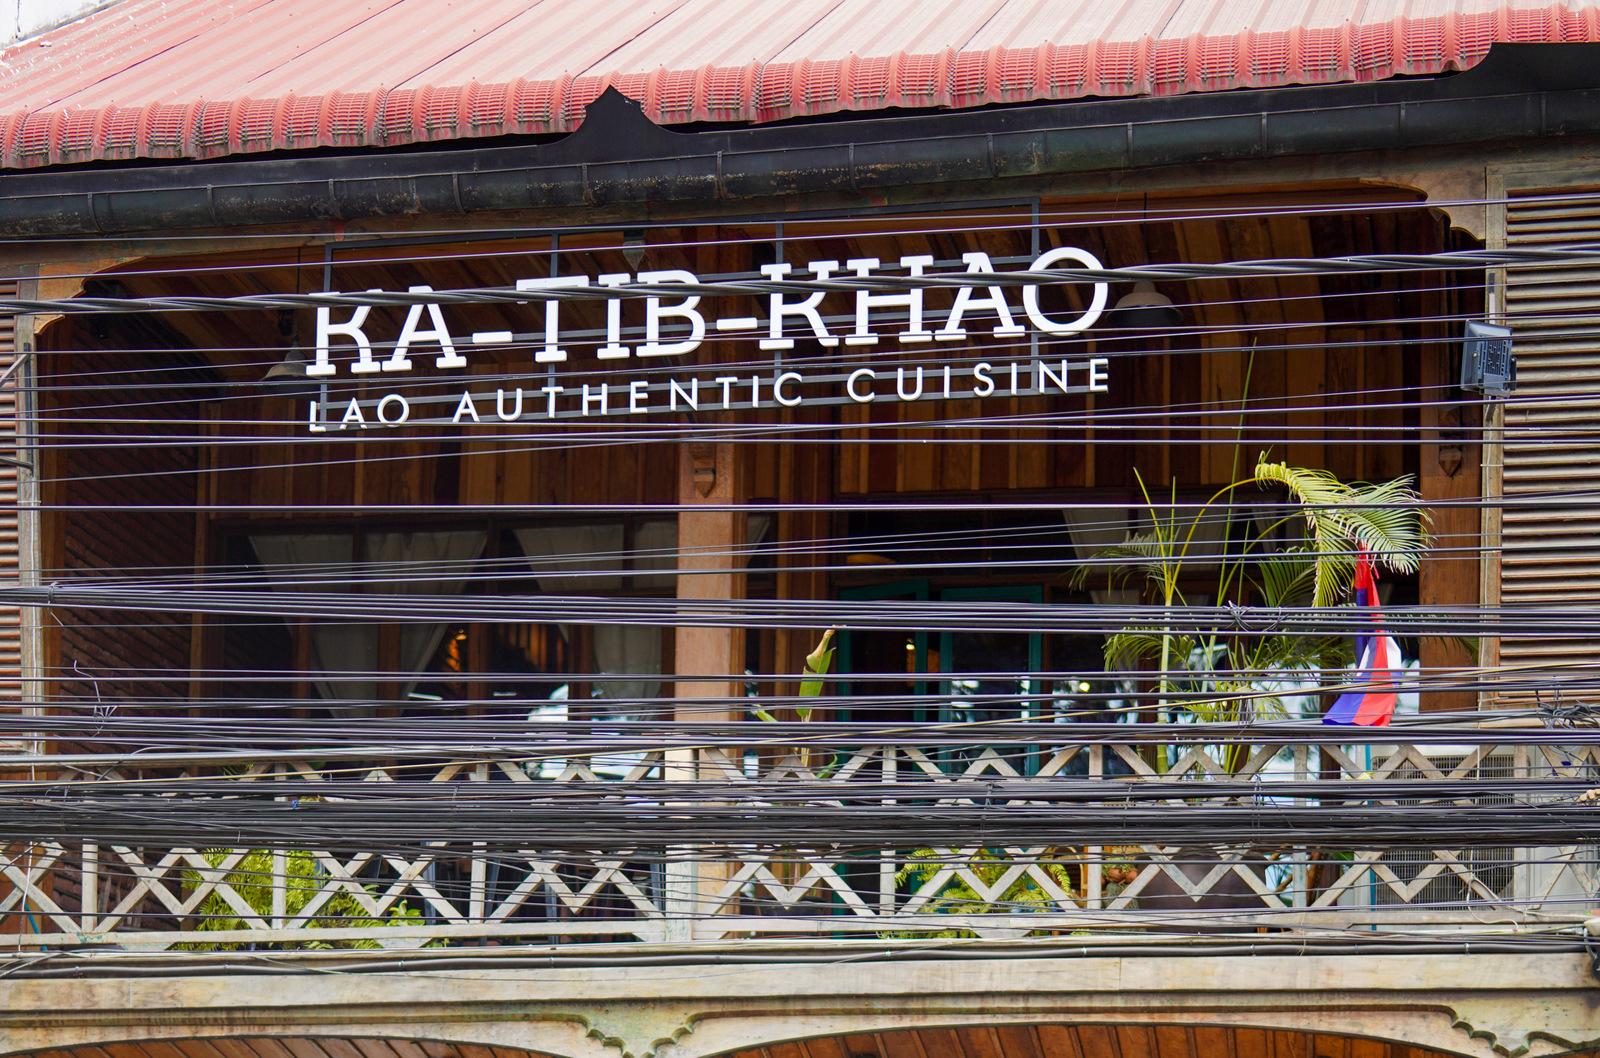 ka-tib-khao, laos